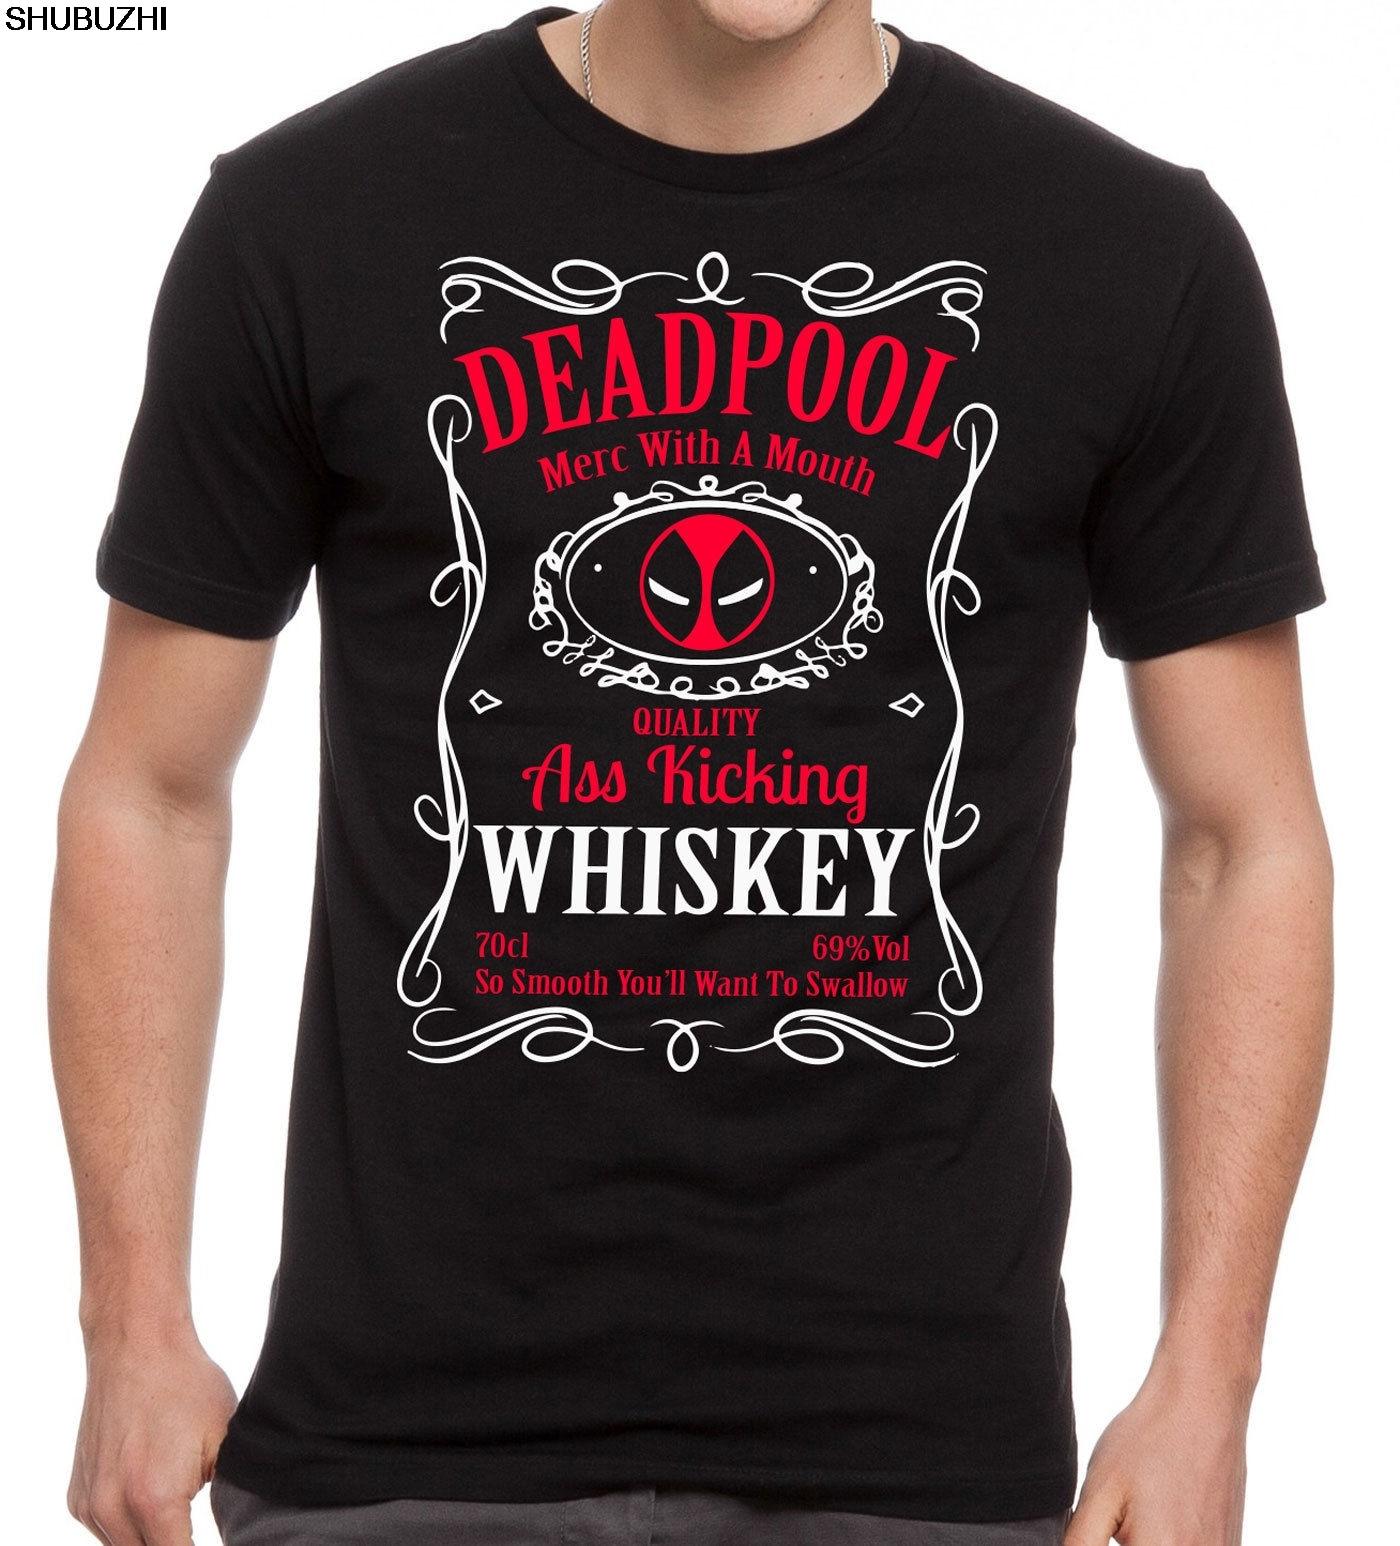 100% Wahr Deadpool Whisky T-shirt-antihero Trinken Mash Up Schwarz Top Größen S-5xl Kühlen Casual Stolz T Hemd Männer Unisex Neue Sbz3143 Kaufe Jetzt